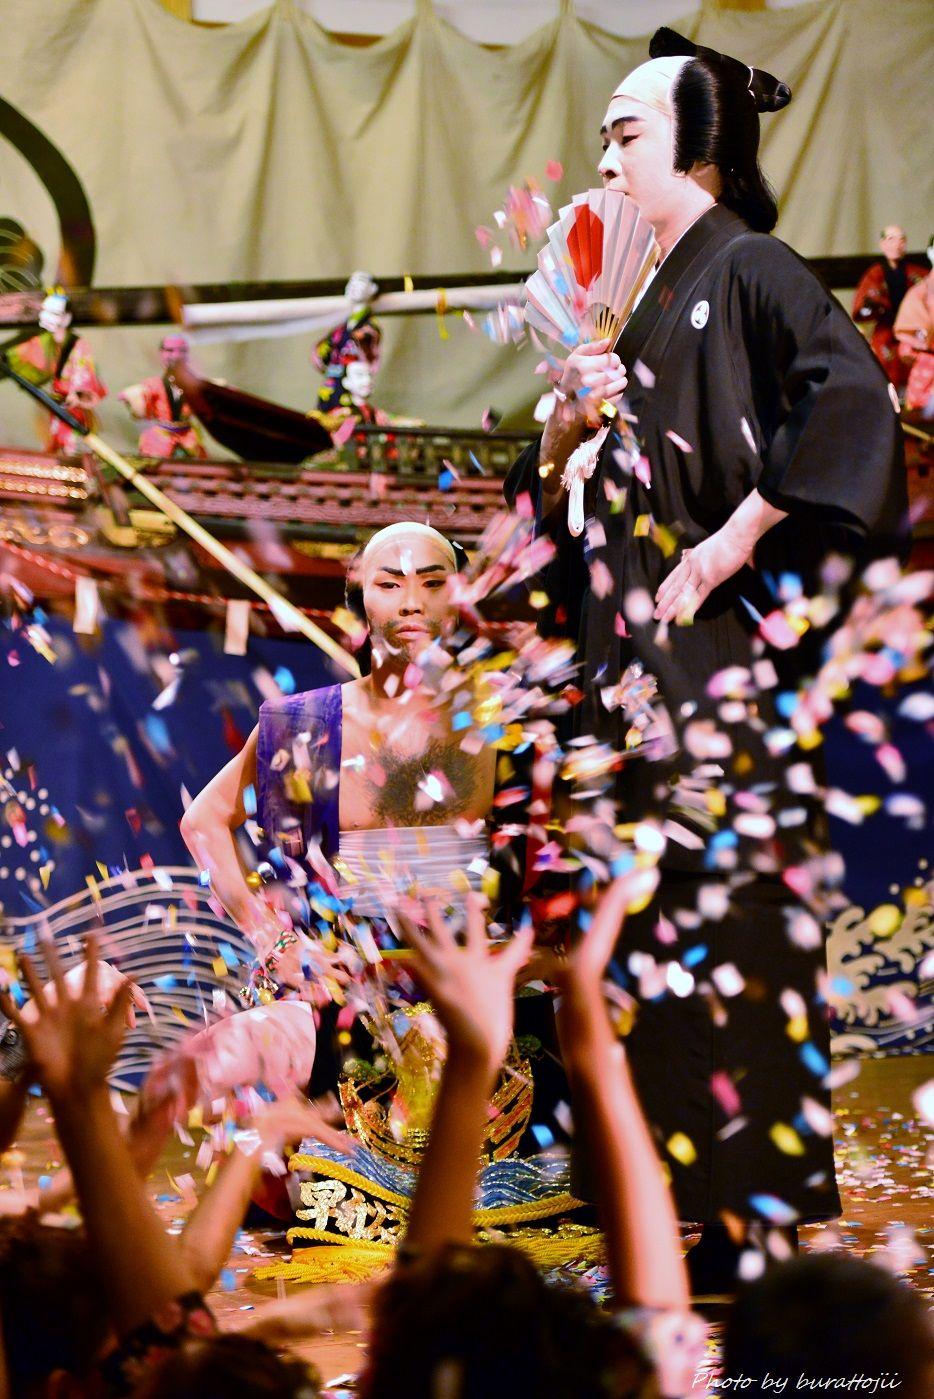 2014.09.11蛸島キリコ祭り早船狂言6